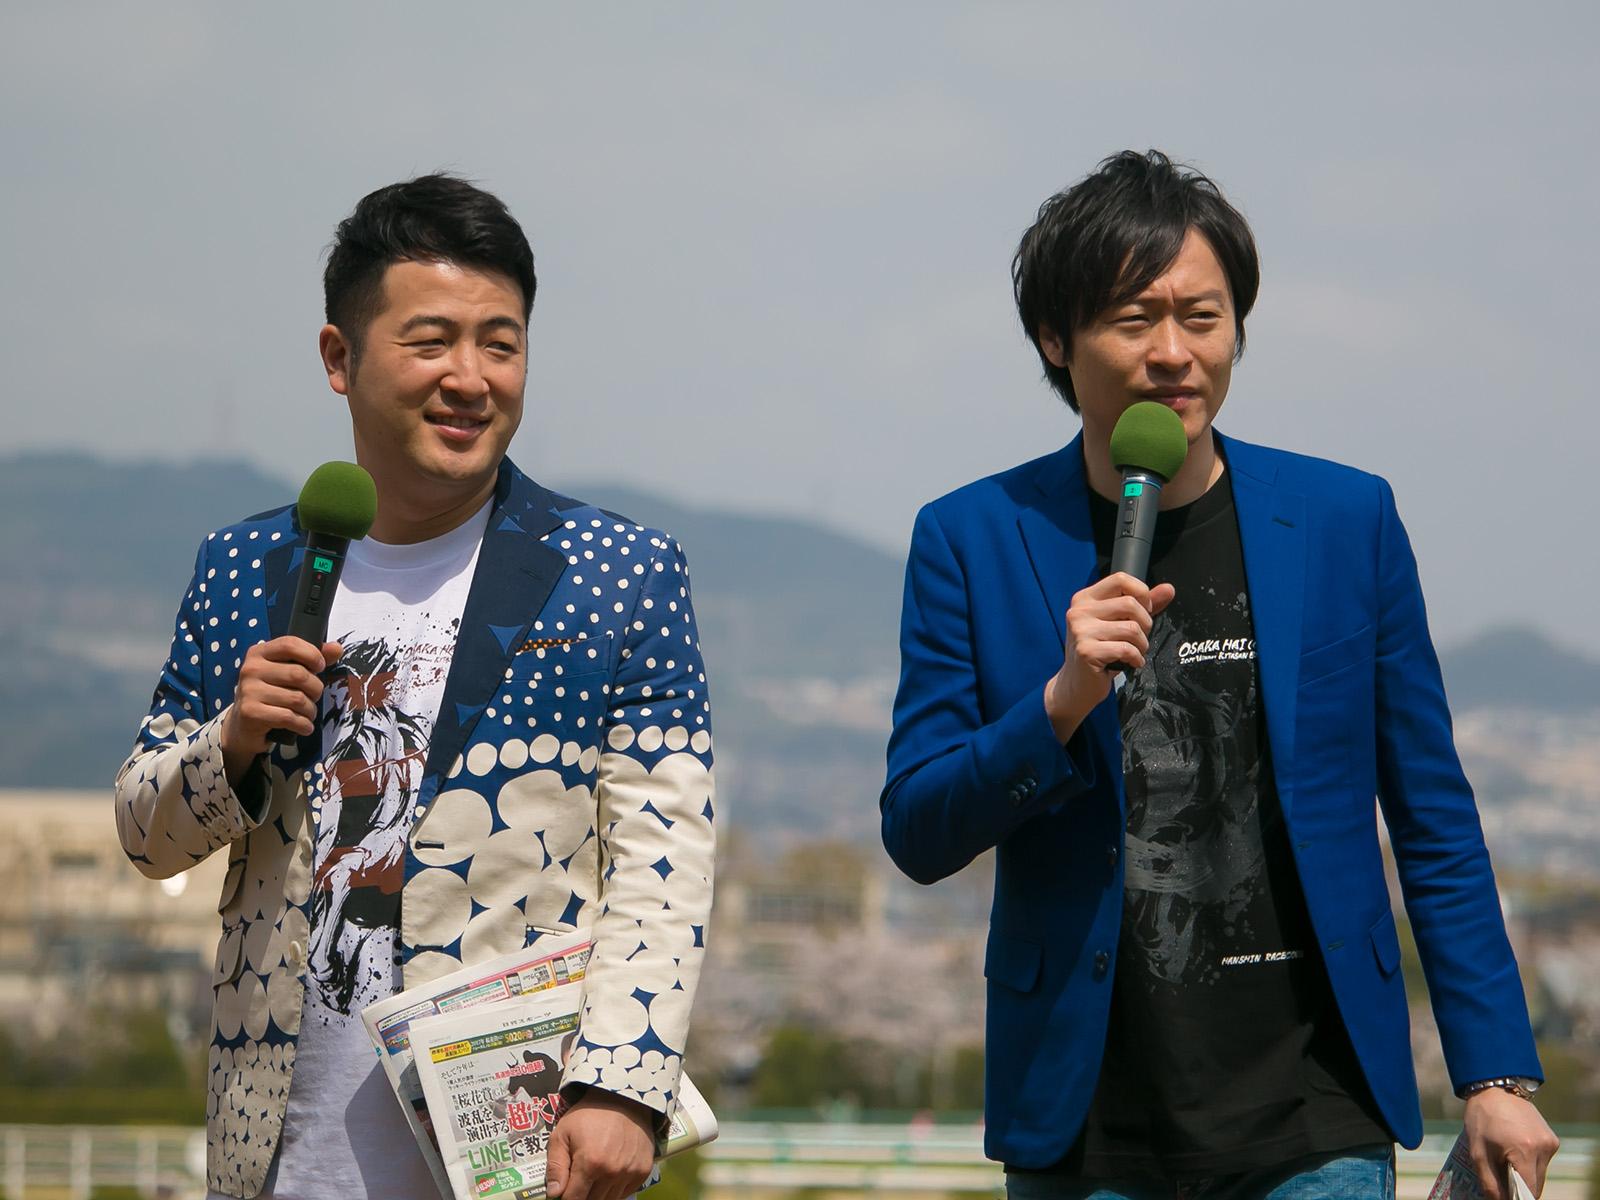 和牛 (お笑いコンビ) , Wikipedia